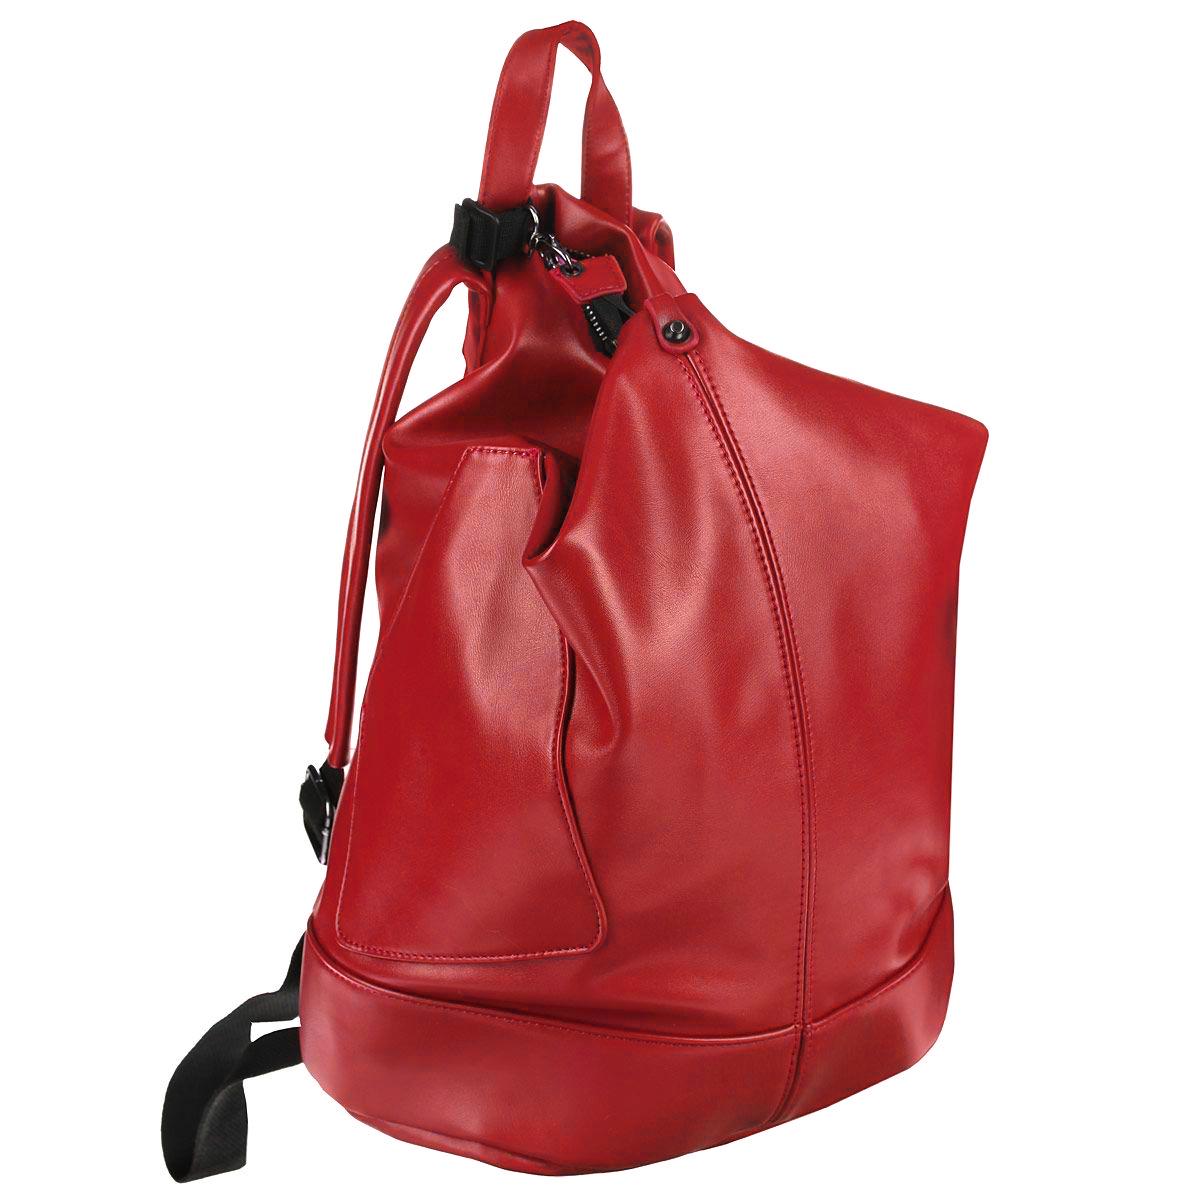 Рюкзак женский Orsa Oro, цвет: красный. DD-579/18D-579/18Женский рюкзак Orsa Oro выполнен из высококачественной искусственной кожи. Рюкзак с одним отделением, застегивающимся на молнию. Внутри один накладной карман на молнии, один врезной на молнии и два накладных кармашка для мелочей. С внешней стороны по бокам дополнительные карманы - один открытый накладной, и один врезной на молнии. Рюкзак снабжен двумя удобными лямками, которые регулируются по длине. В комплекте чехол для хранения. <br Стильный рюкзак Orsa Oro эффектно дополнит ваш яркий образ. .